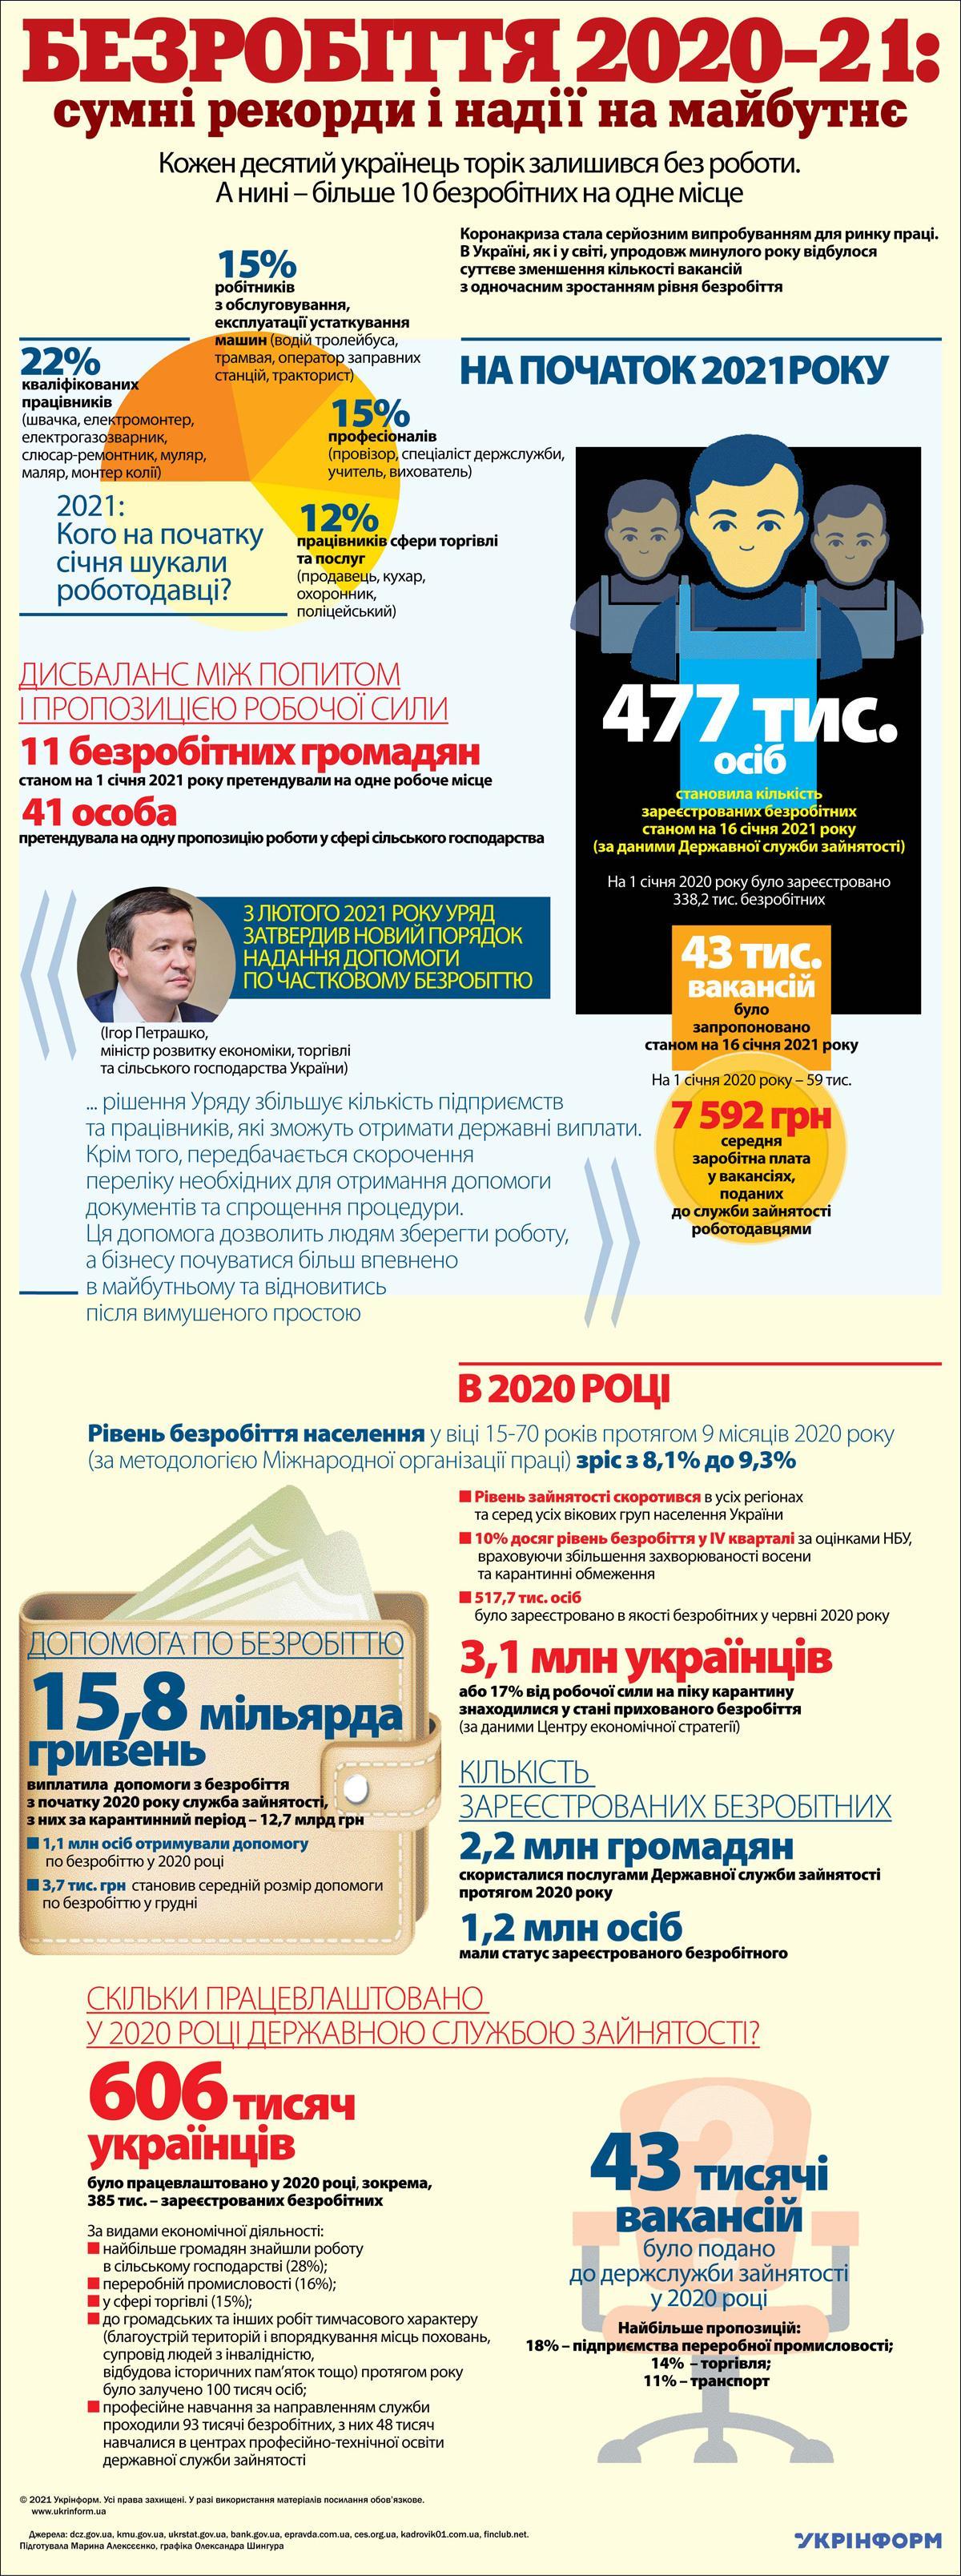 2020 рік: кожен десятий українець втратив роботу